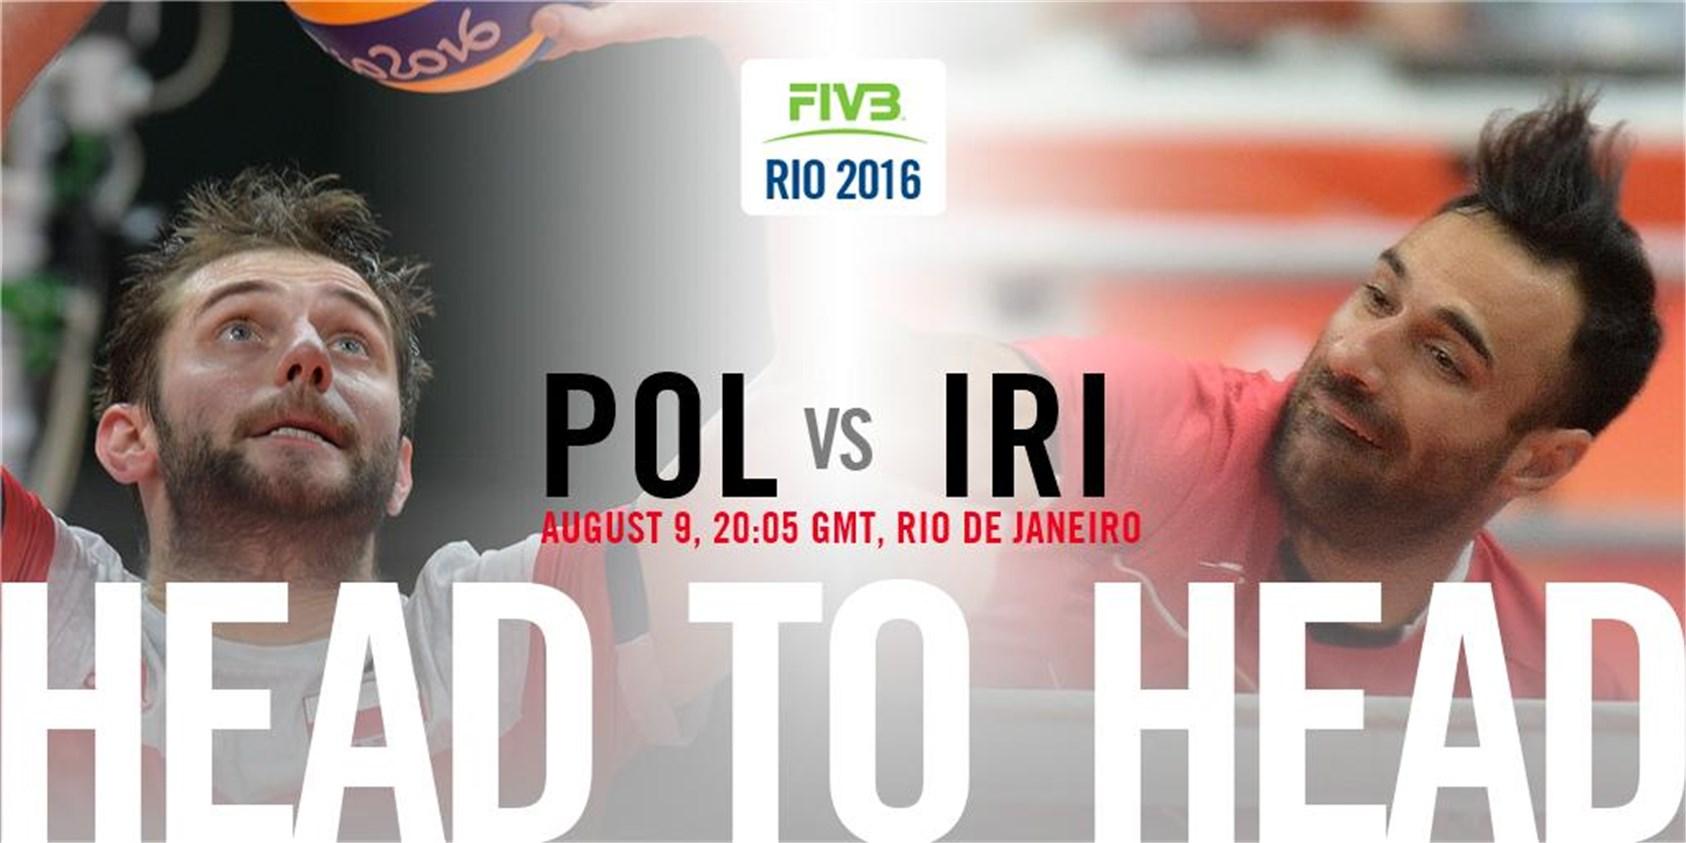 فیلم و نتیجه مسابقه والیبال ایران و لهستان در المپیک 2016 ریو